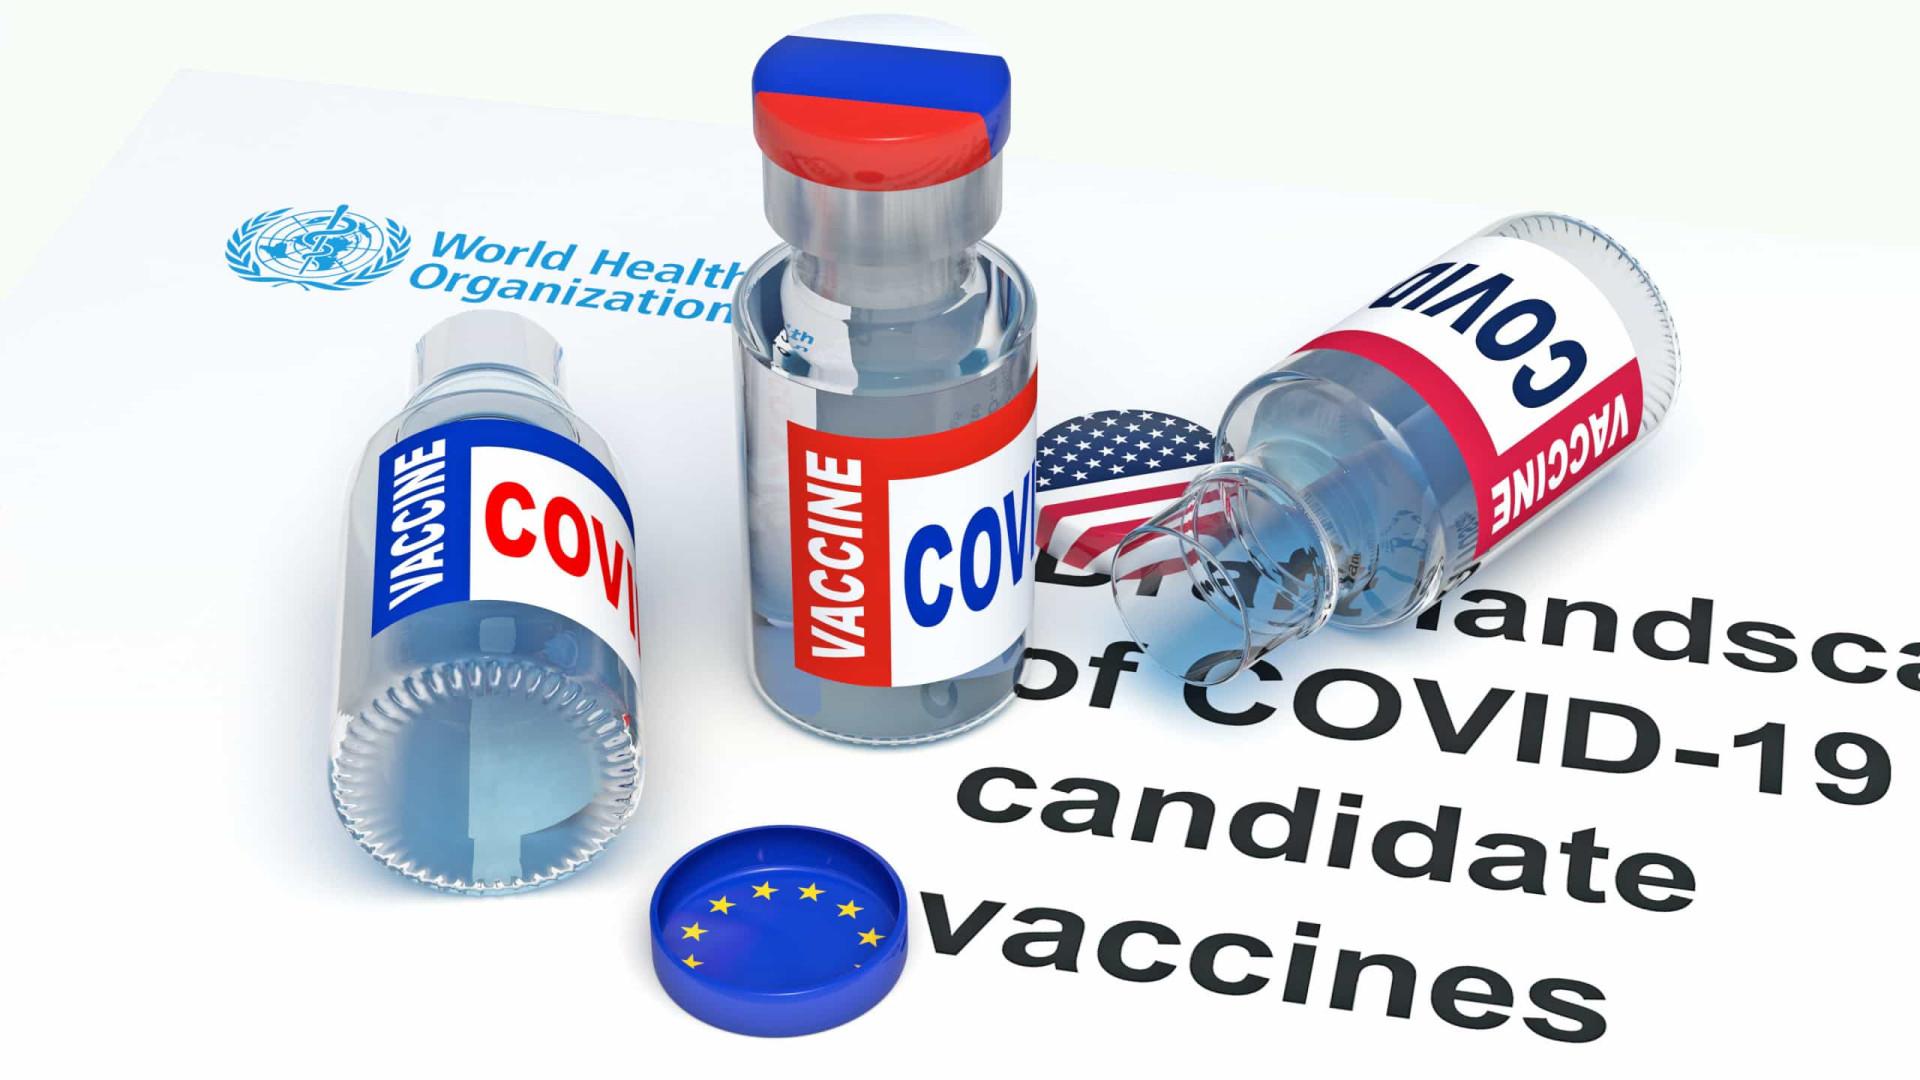 União Europeia e Rússia fazem guerra de versões sobre vacina contra Covid